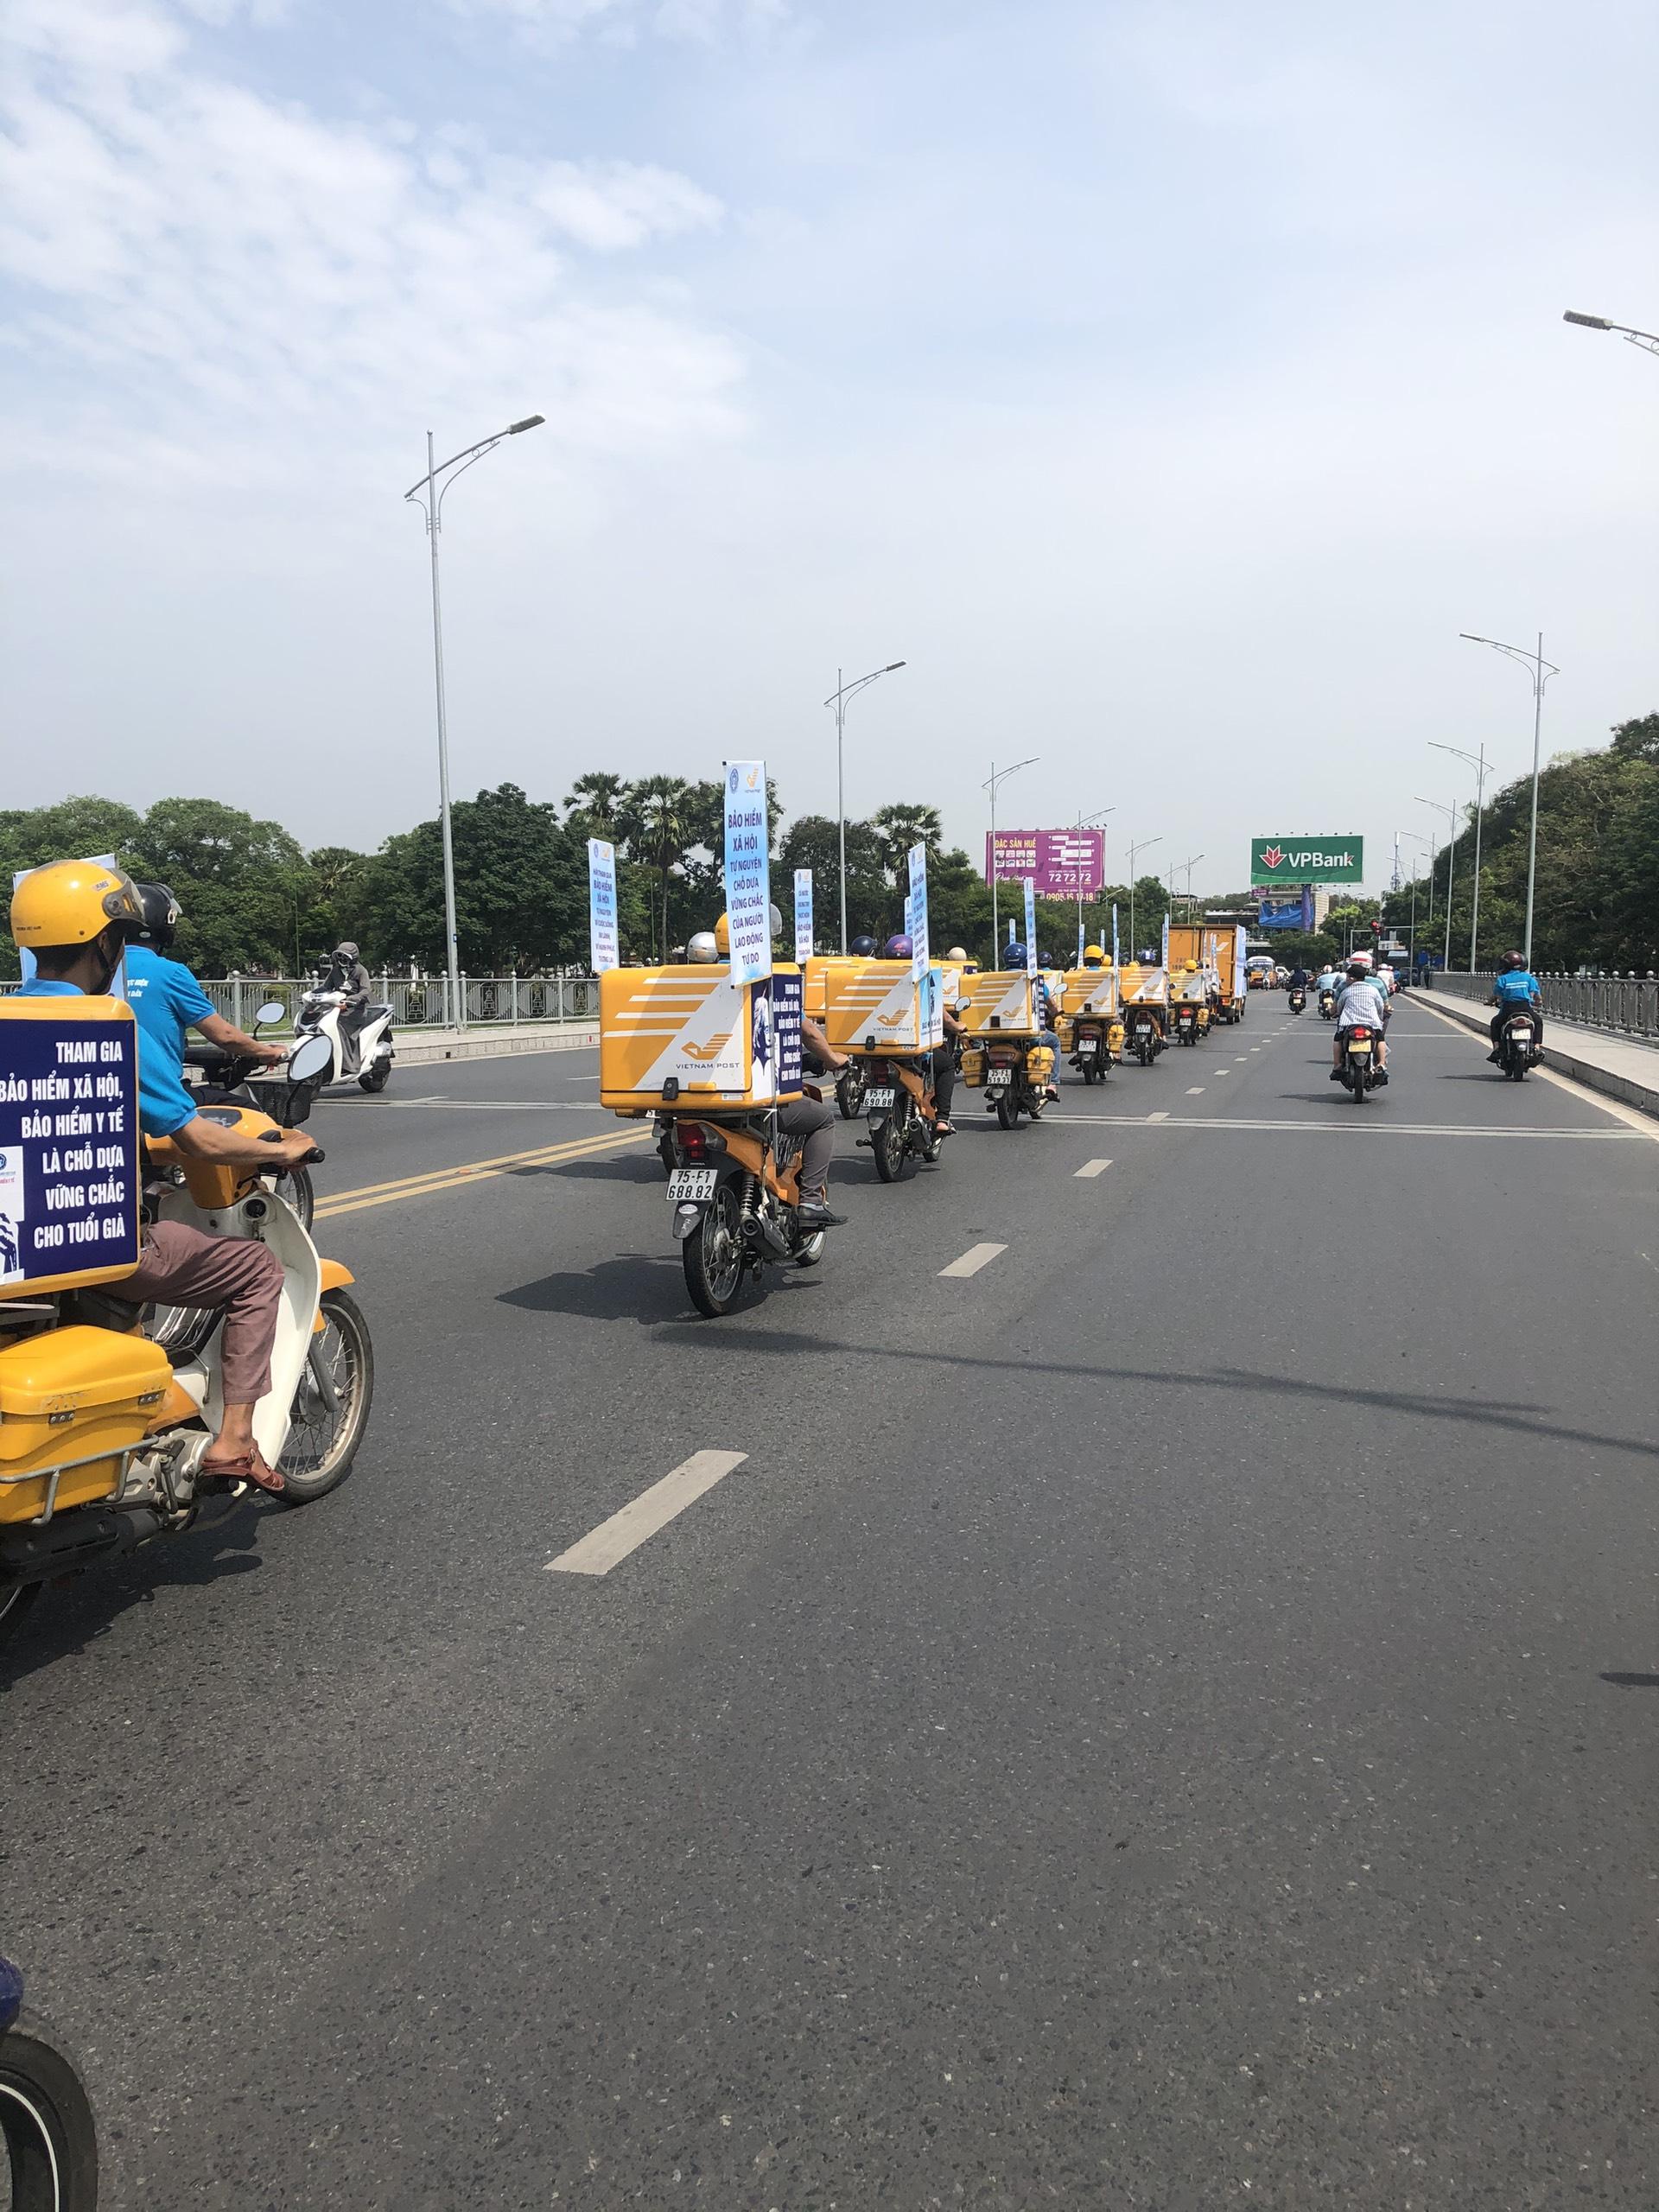 Đoàn xe tuyên truyền chính sách Bảo hiểm xã hội tự nguyện